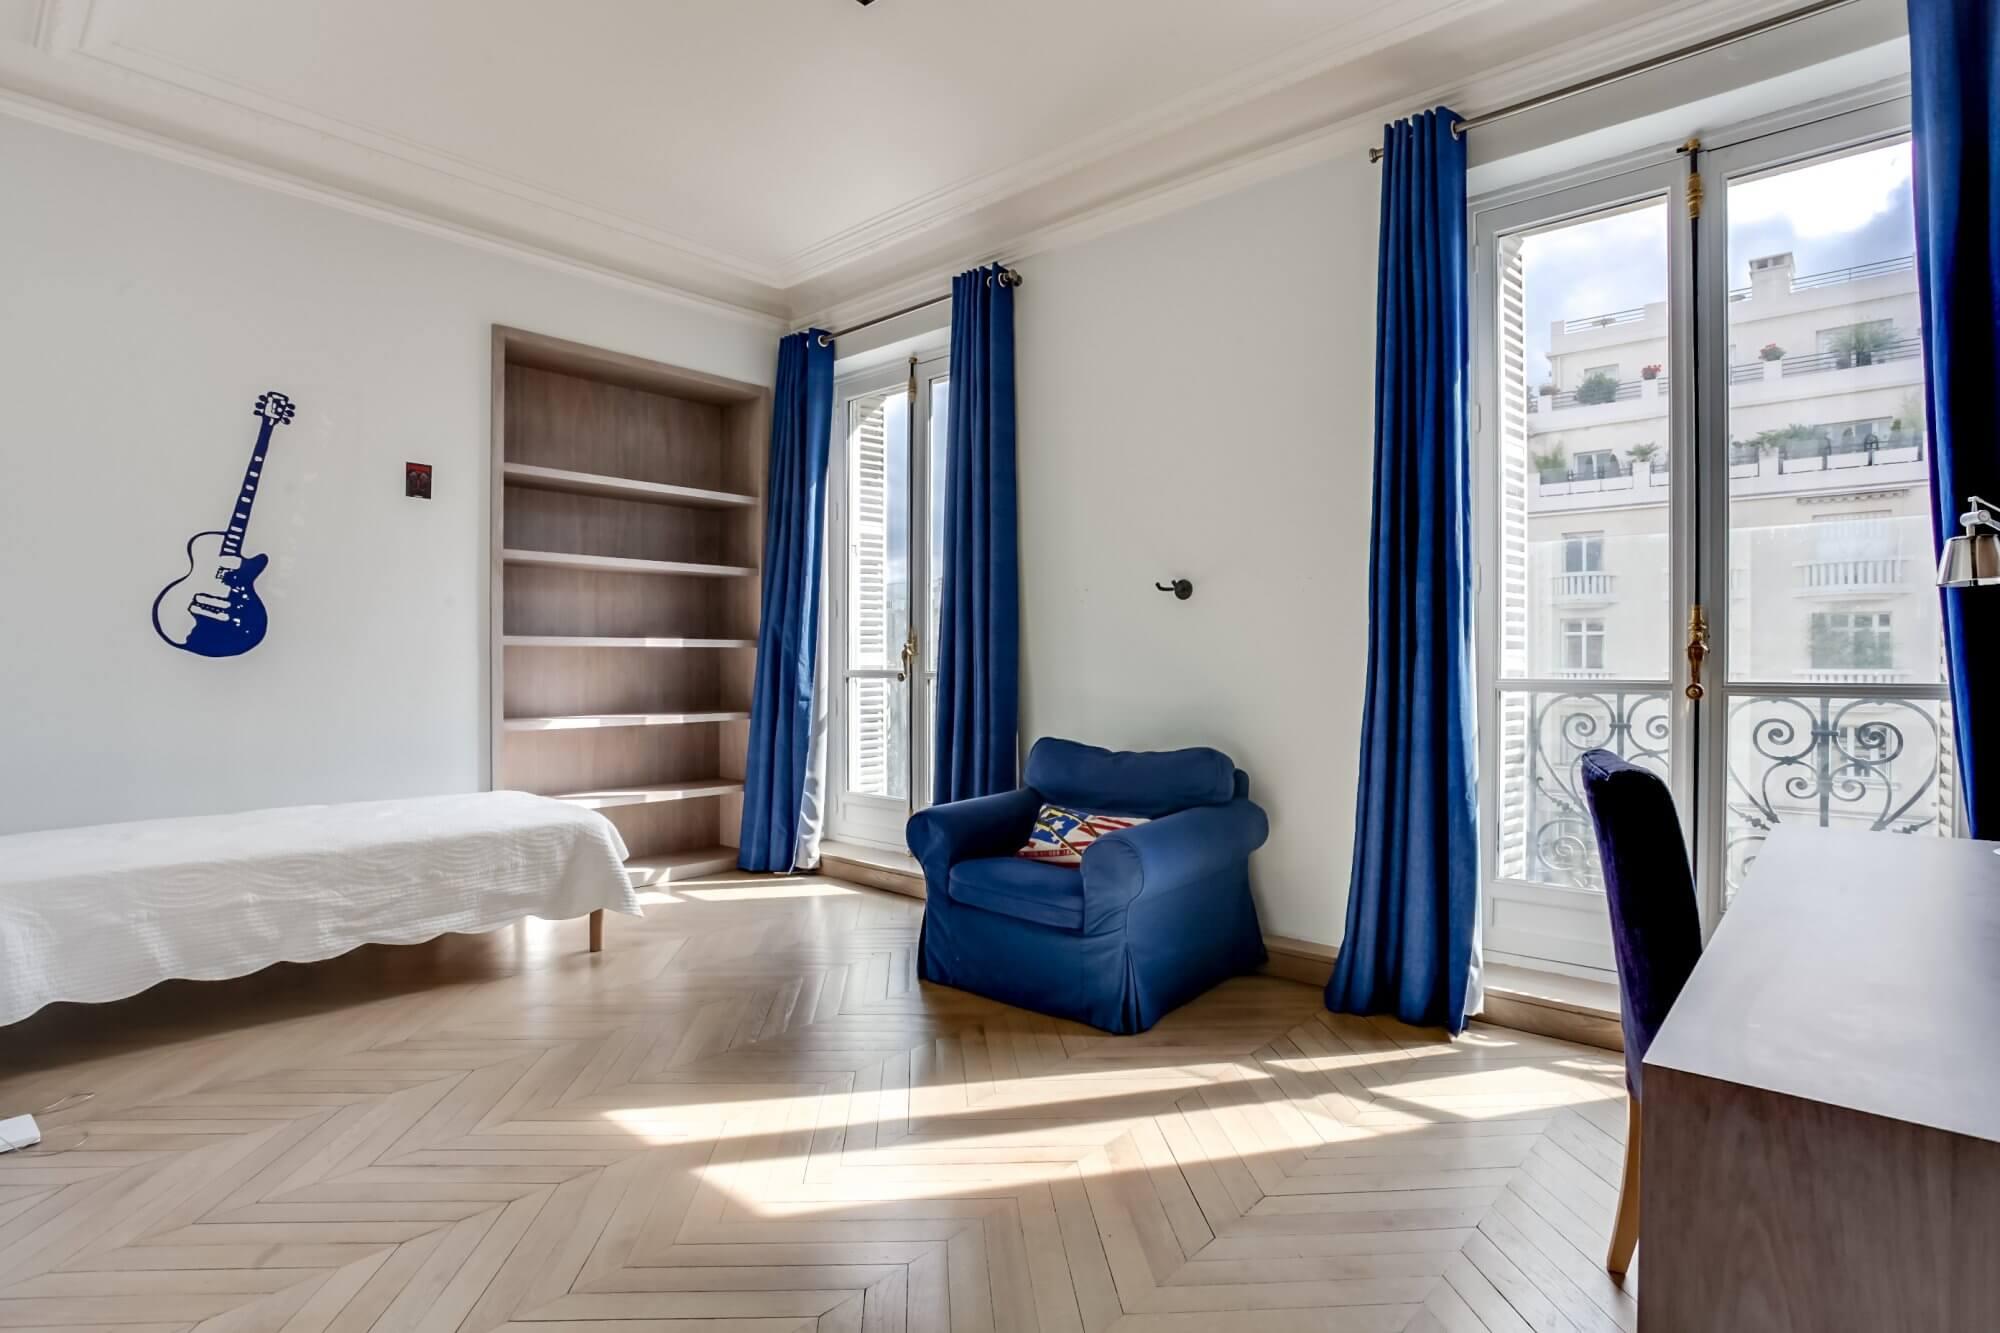 Etoile Hoche - Bedroom View